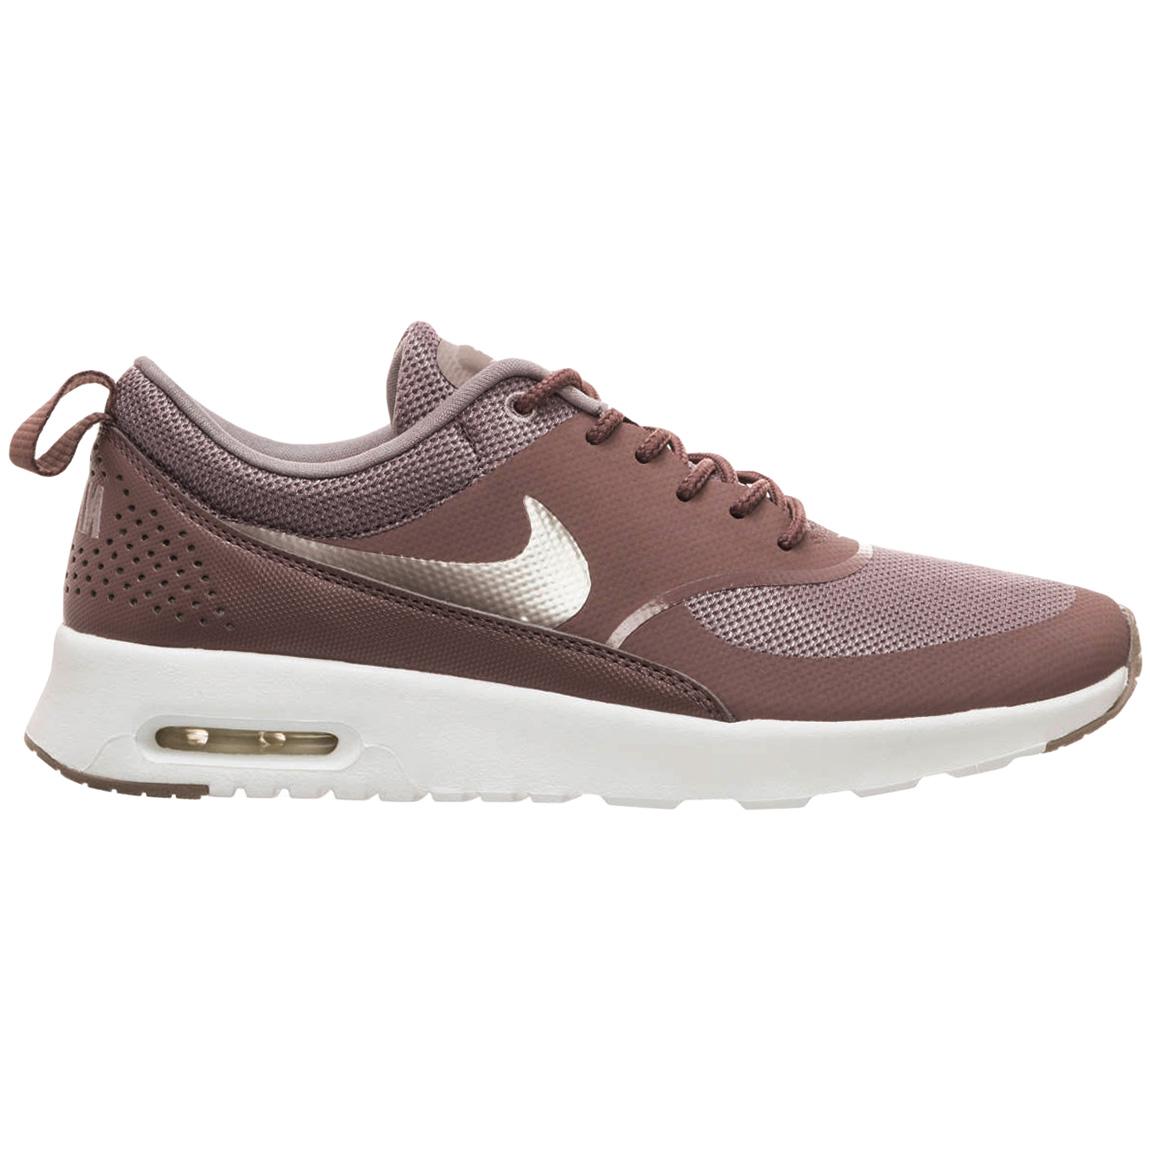 Nike WMNS Air Max Thea Damen Sneaker braun 599409 206